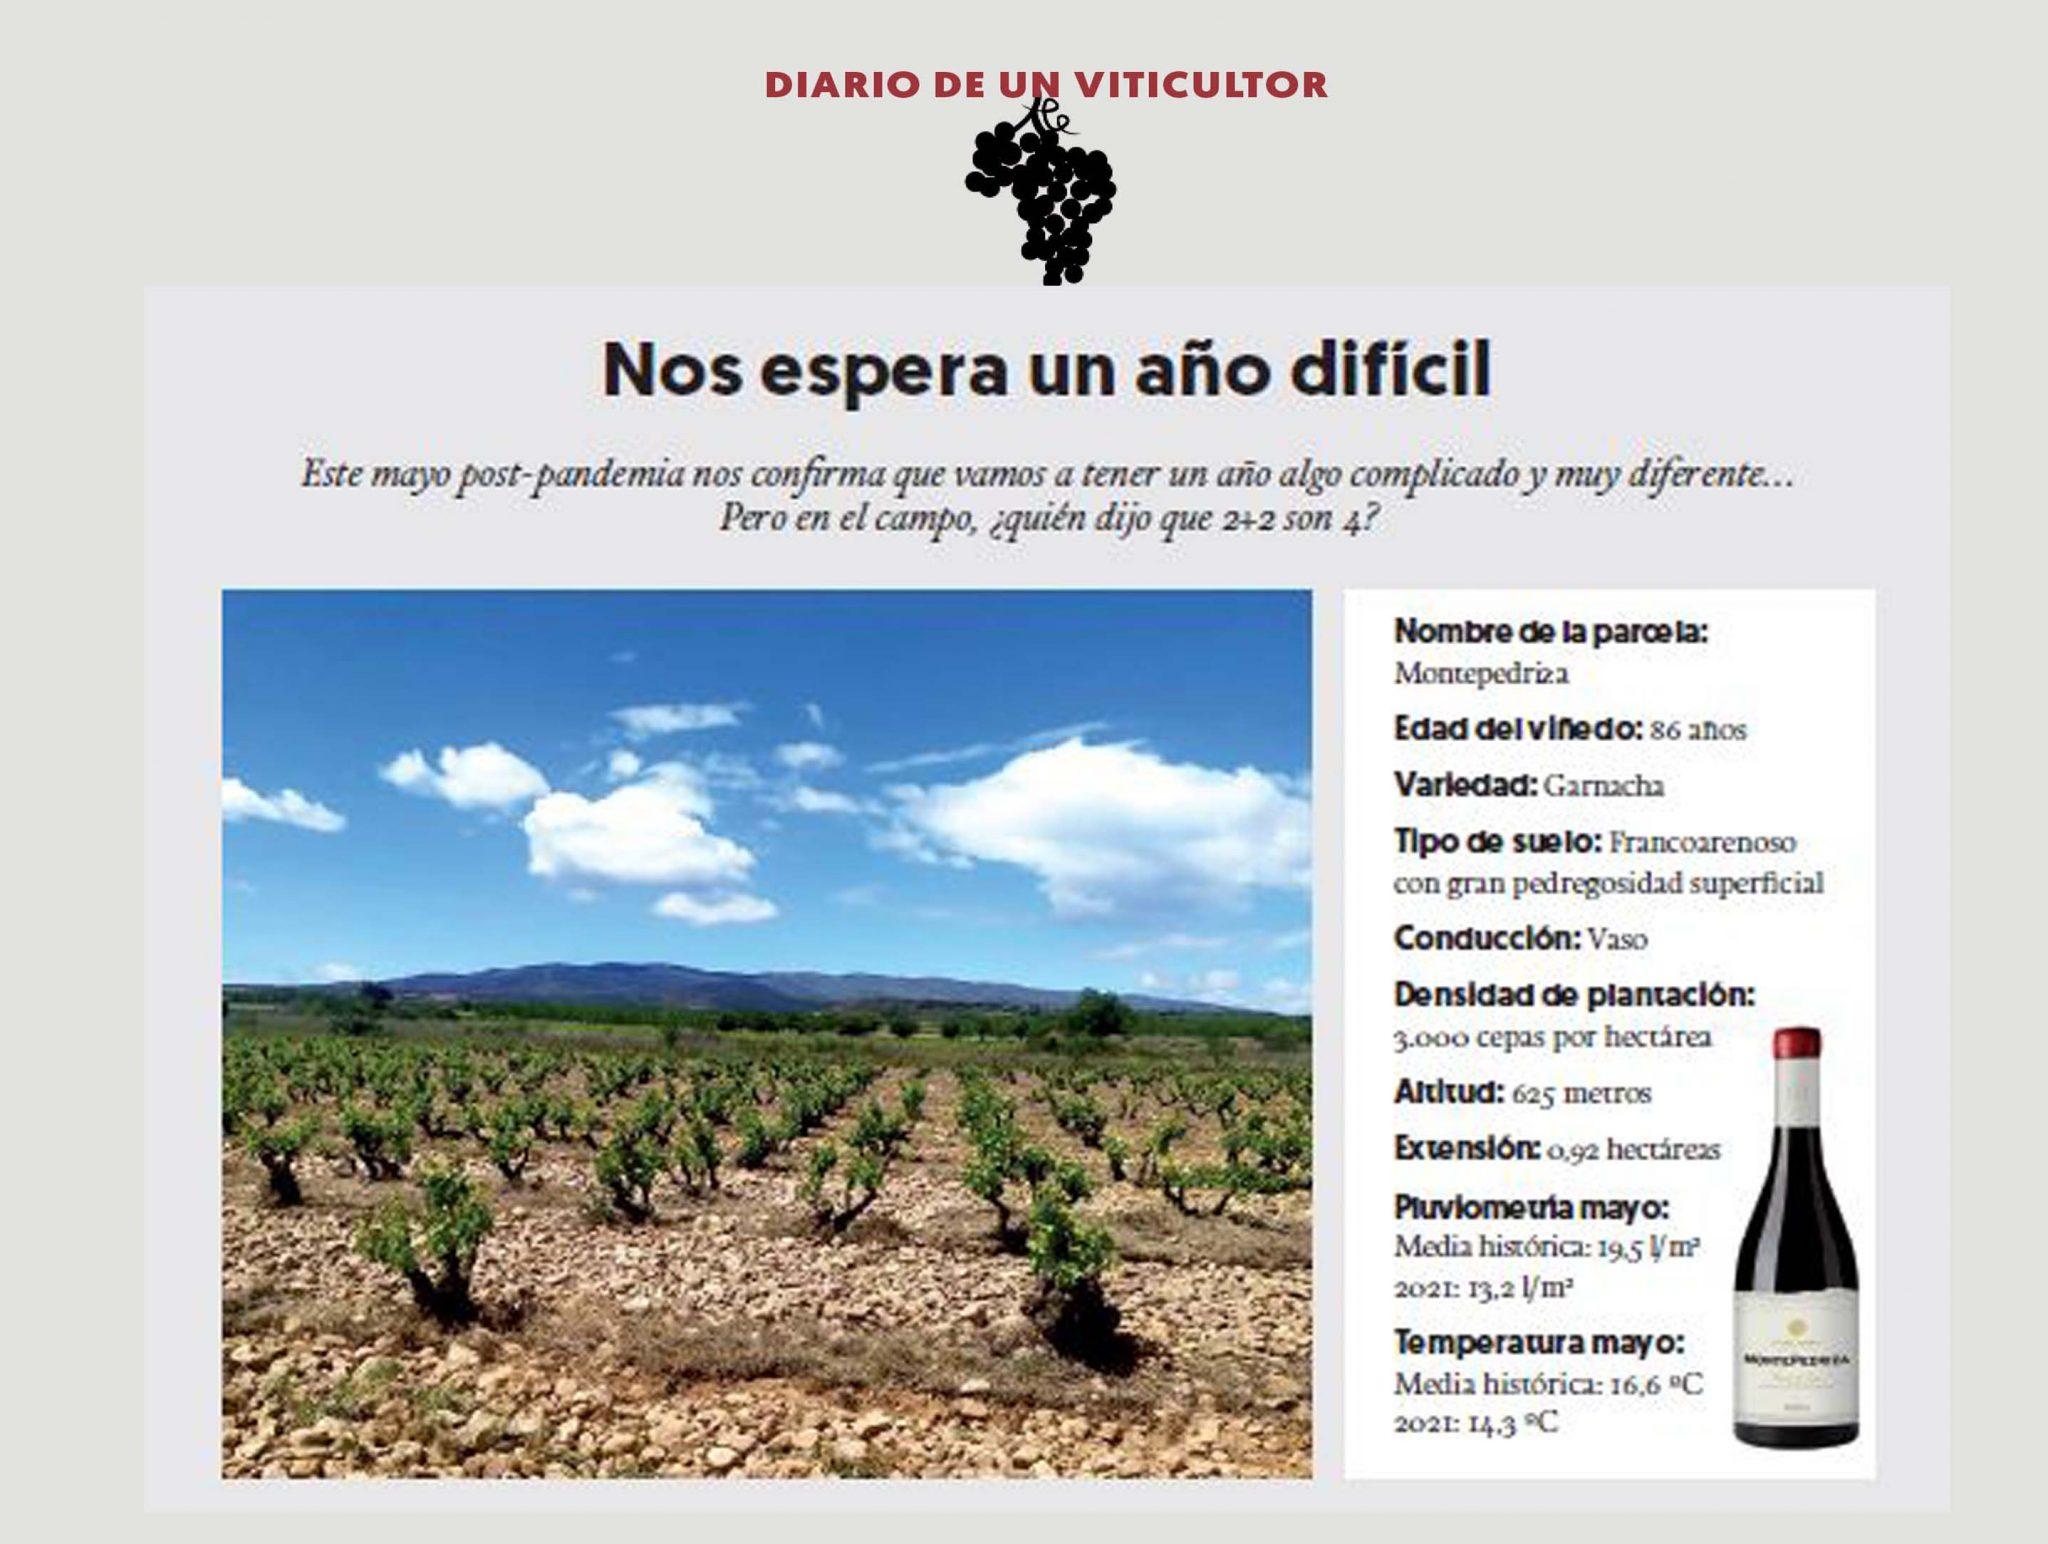 Diario de un viticultor – parte 3